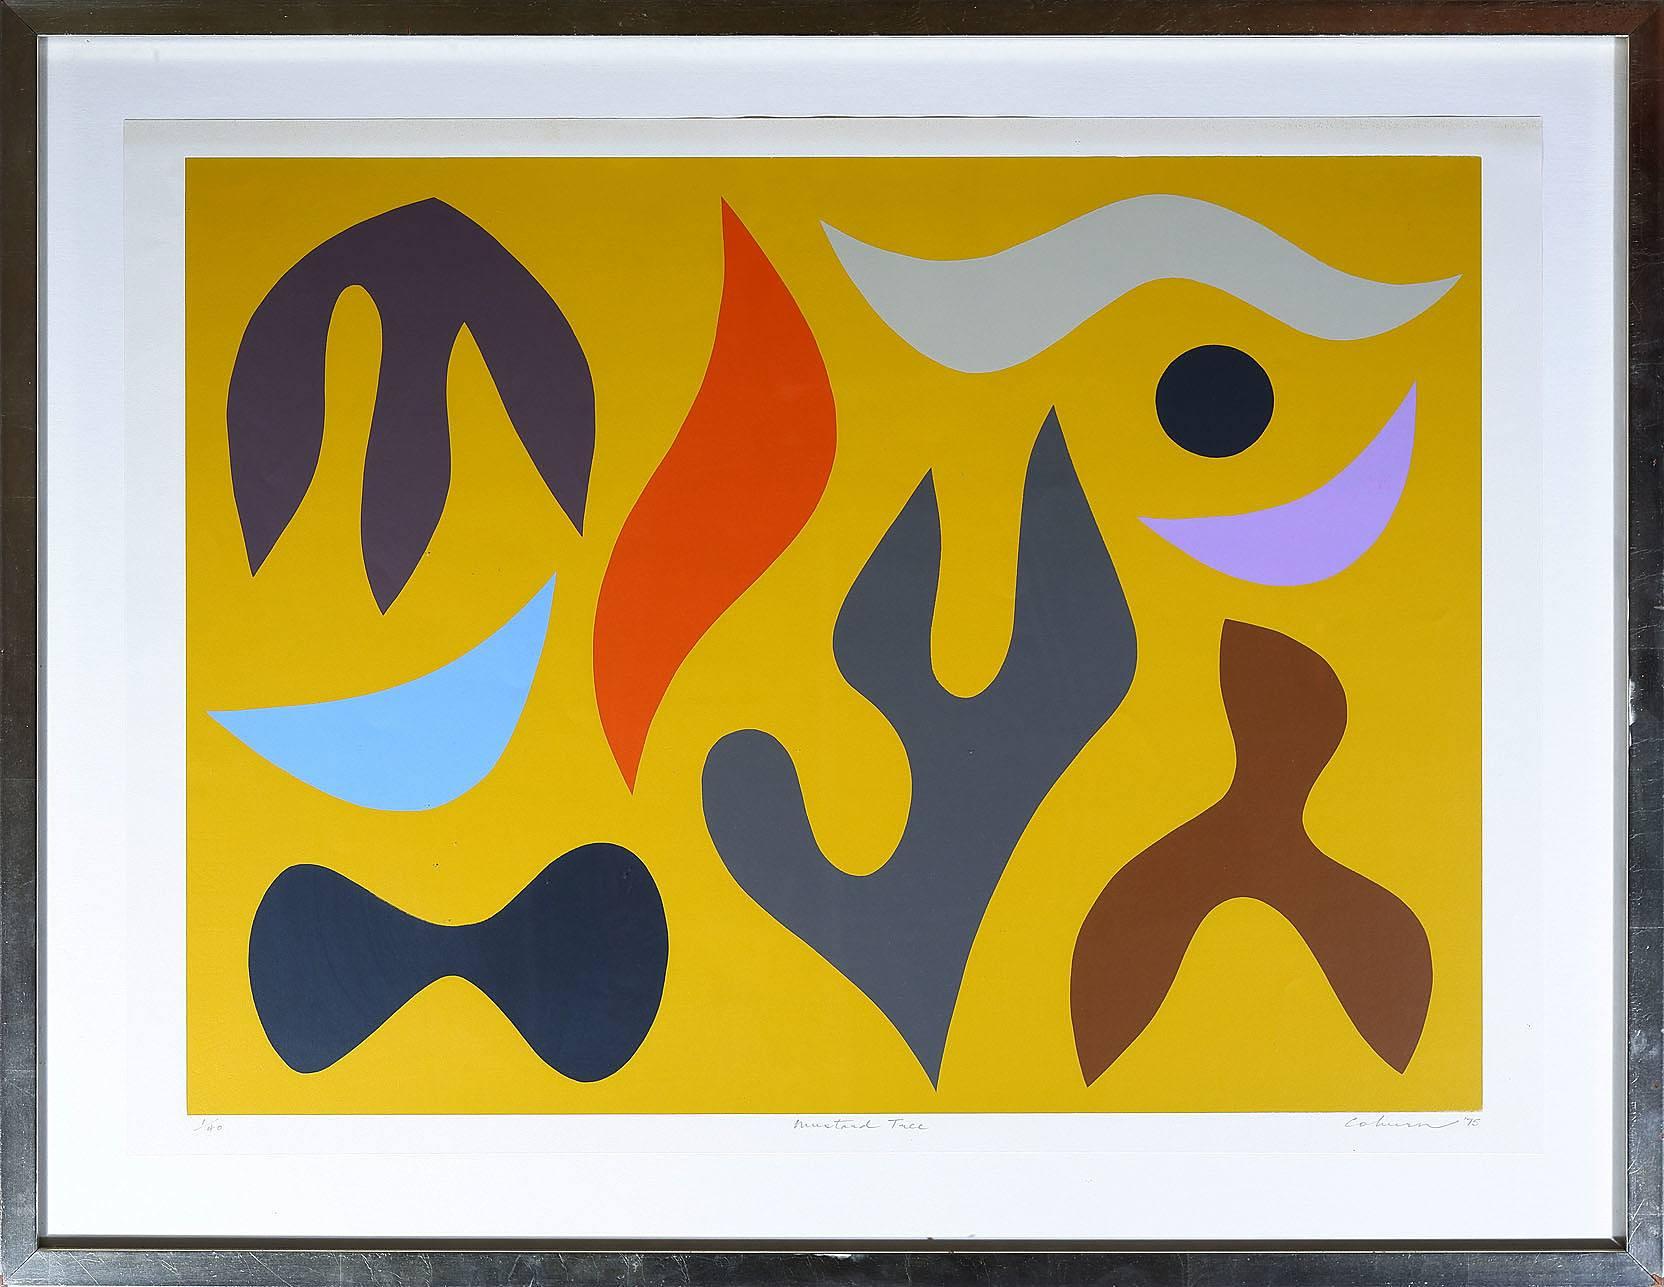 'John Coburn (1925-2006) Mustard Tree, Screenprint Edition 1/40'